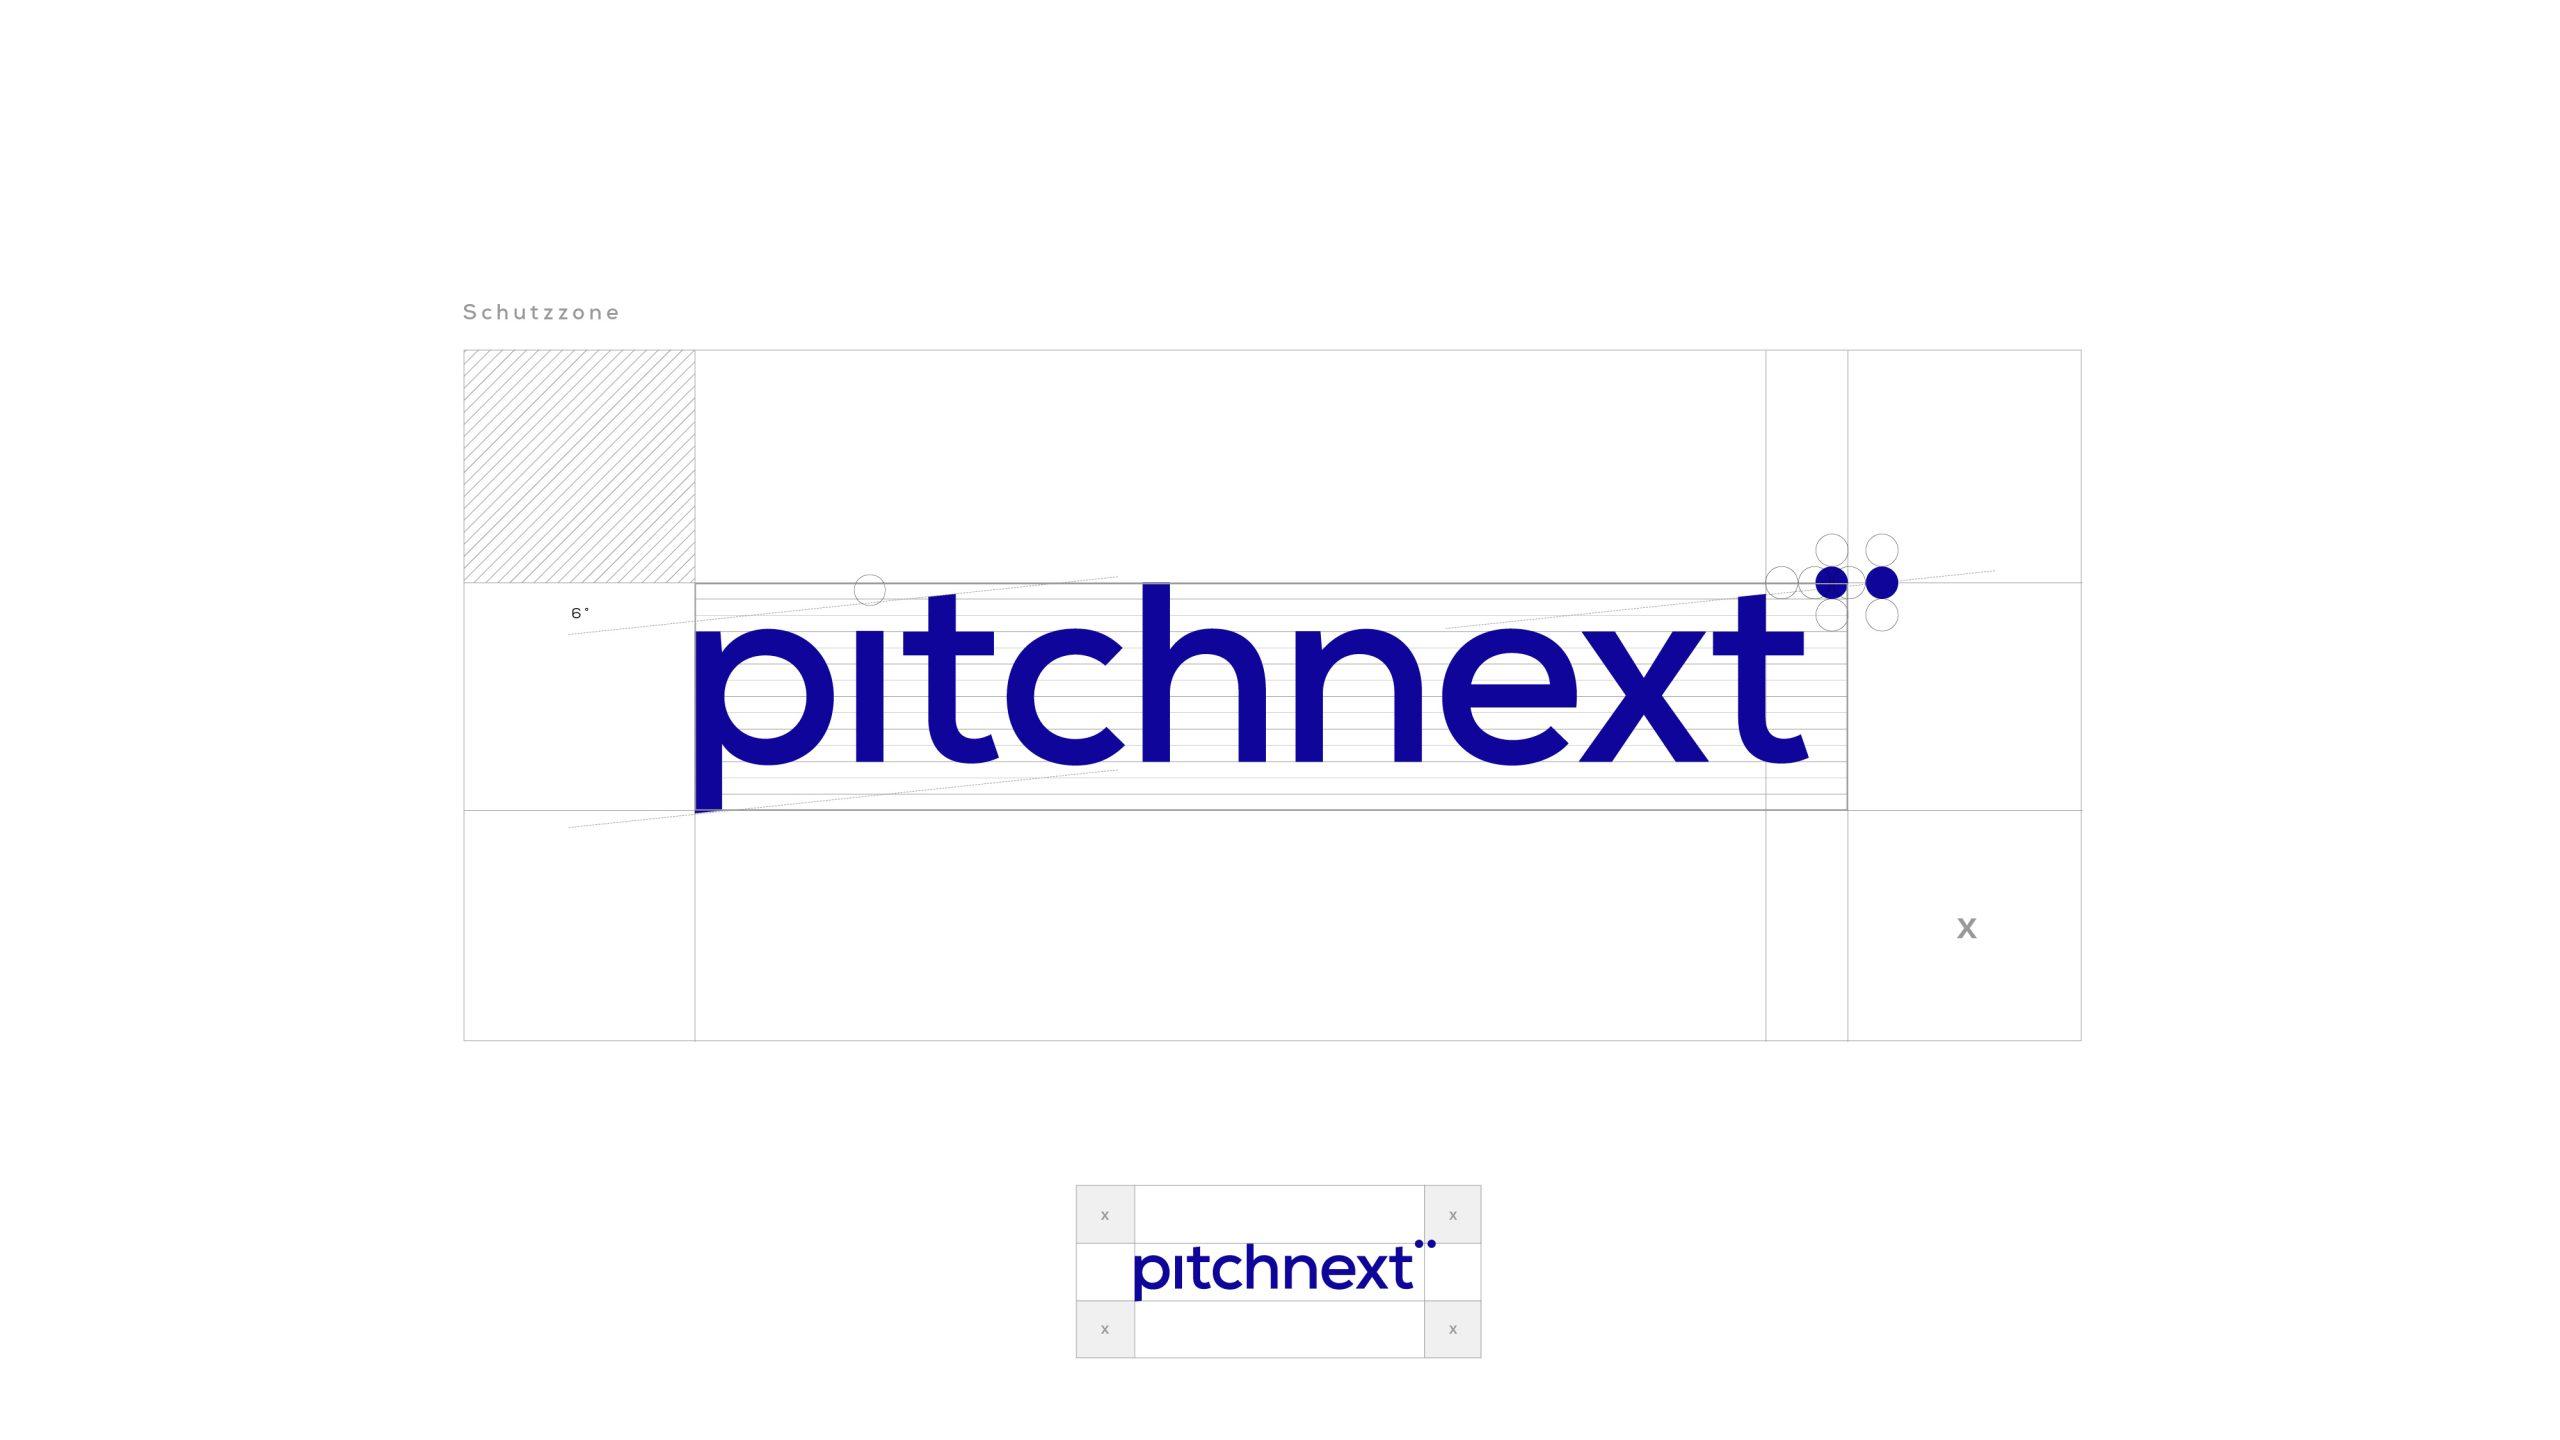 VISEE_Pitchnext_CD-Entwicklung_Praesentation_v018-3